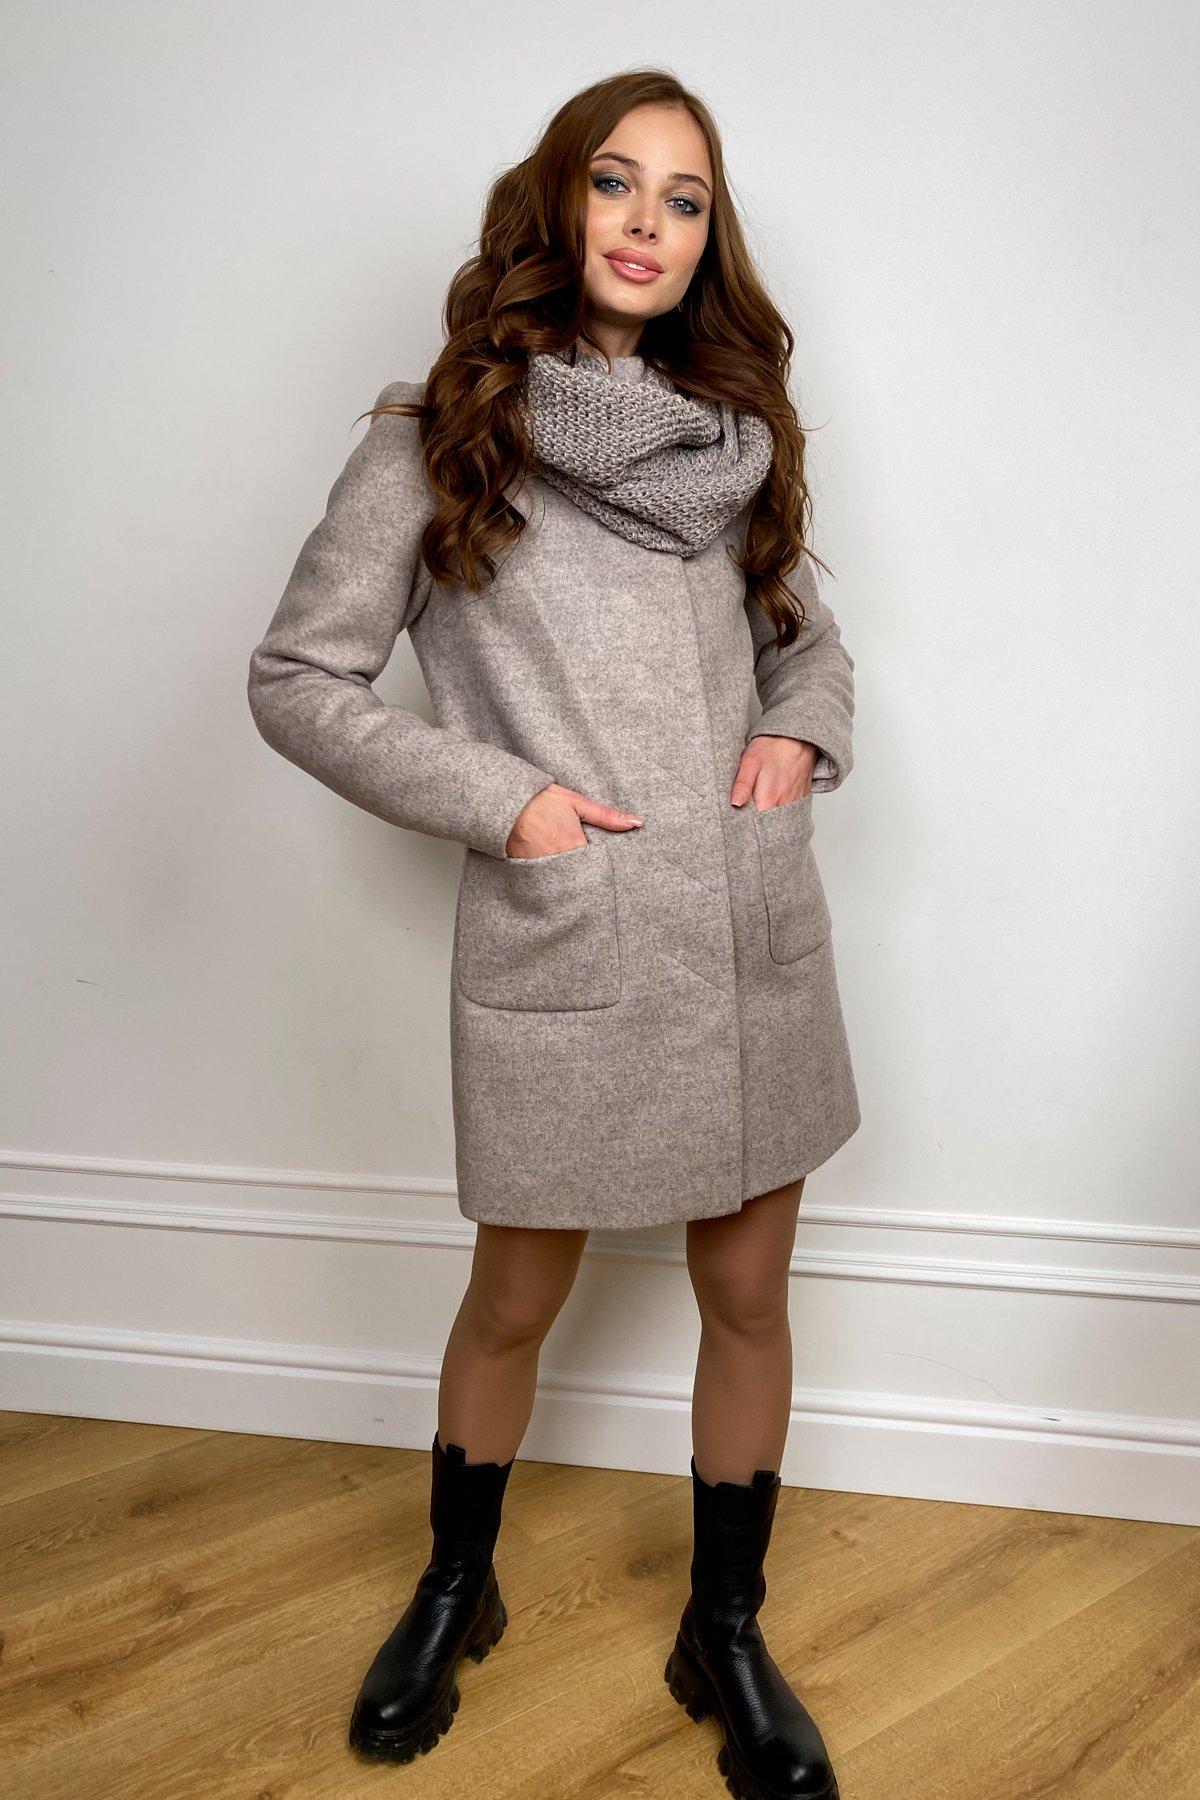 Пальто зима с хомутом Мелини 5644 АРТ. 38206 Цвет: Бежевый 31 - фото 4, интернет магазин tm-modus.ru